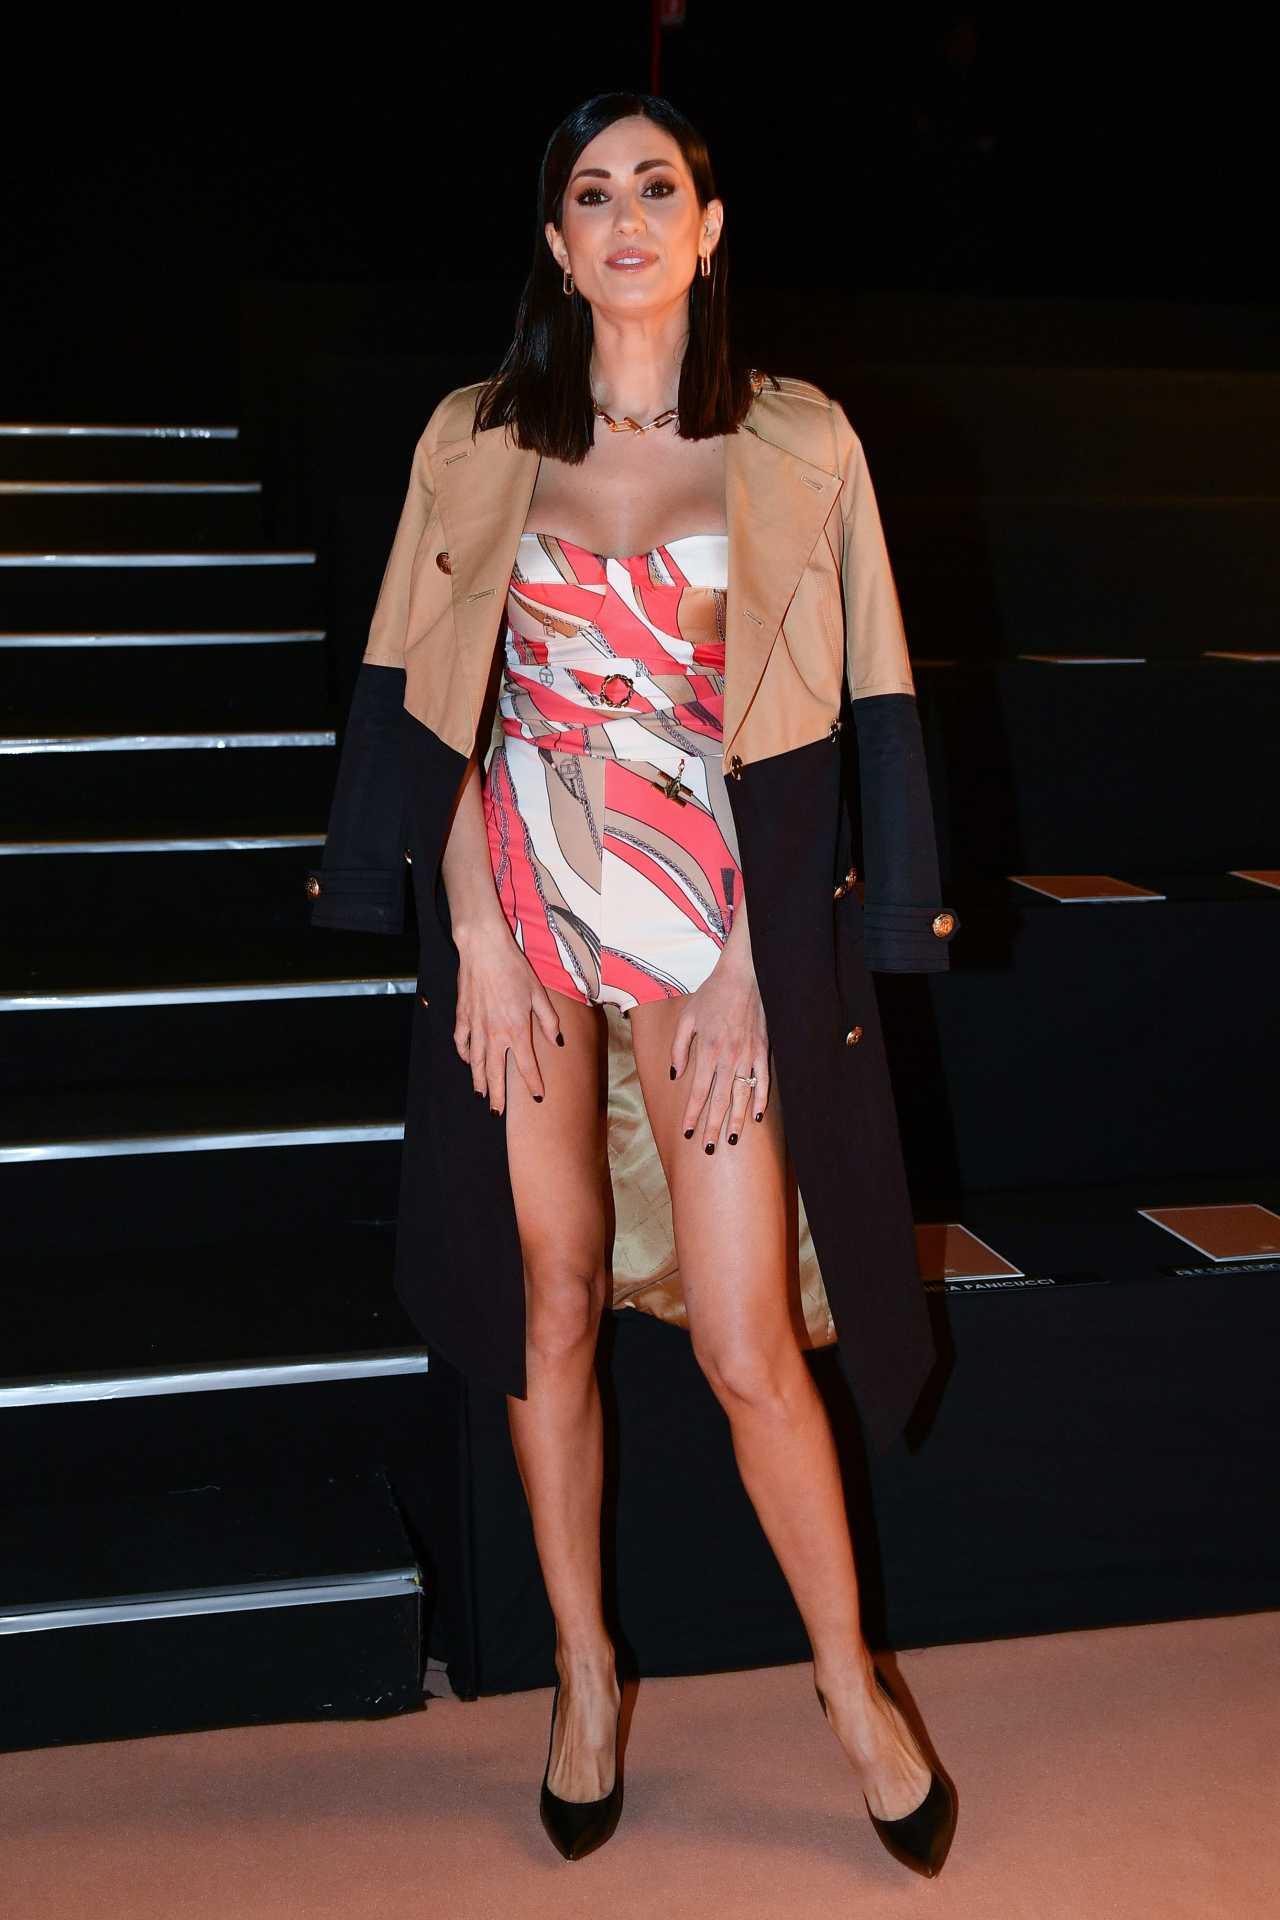 Federica Nargi - Looking stylish at Milan Fashion Week 2020